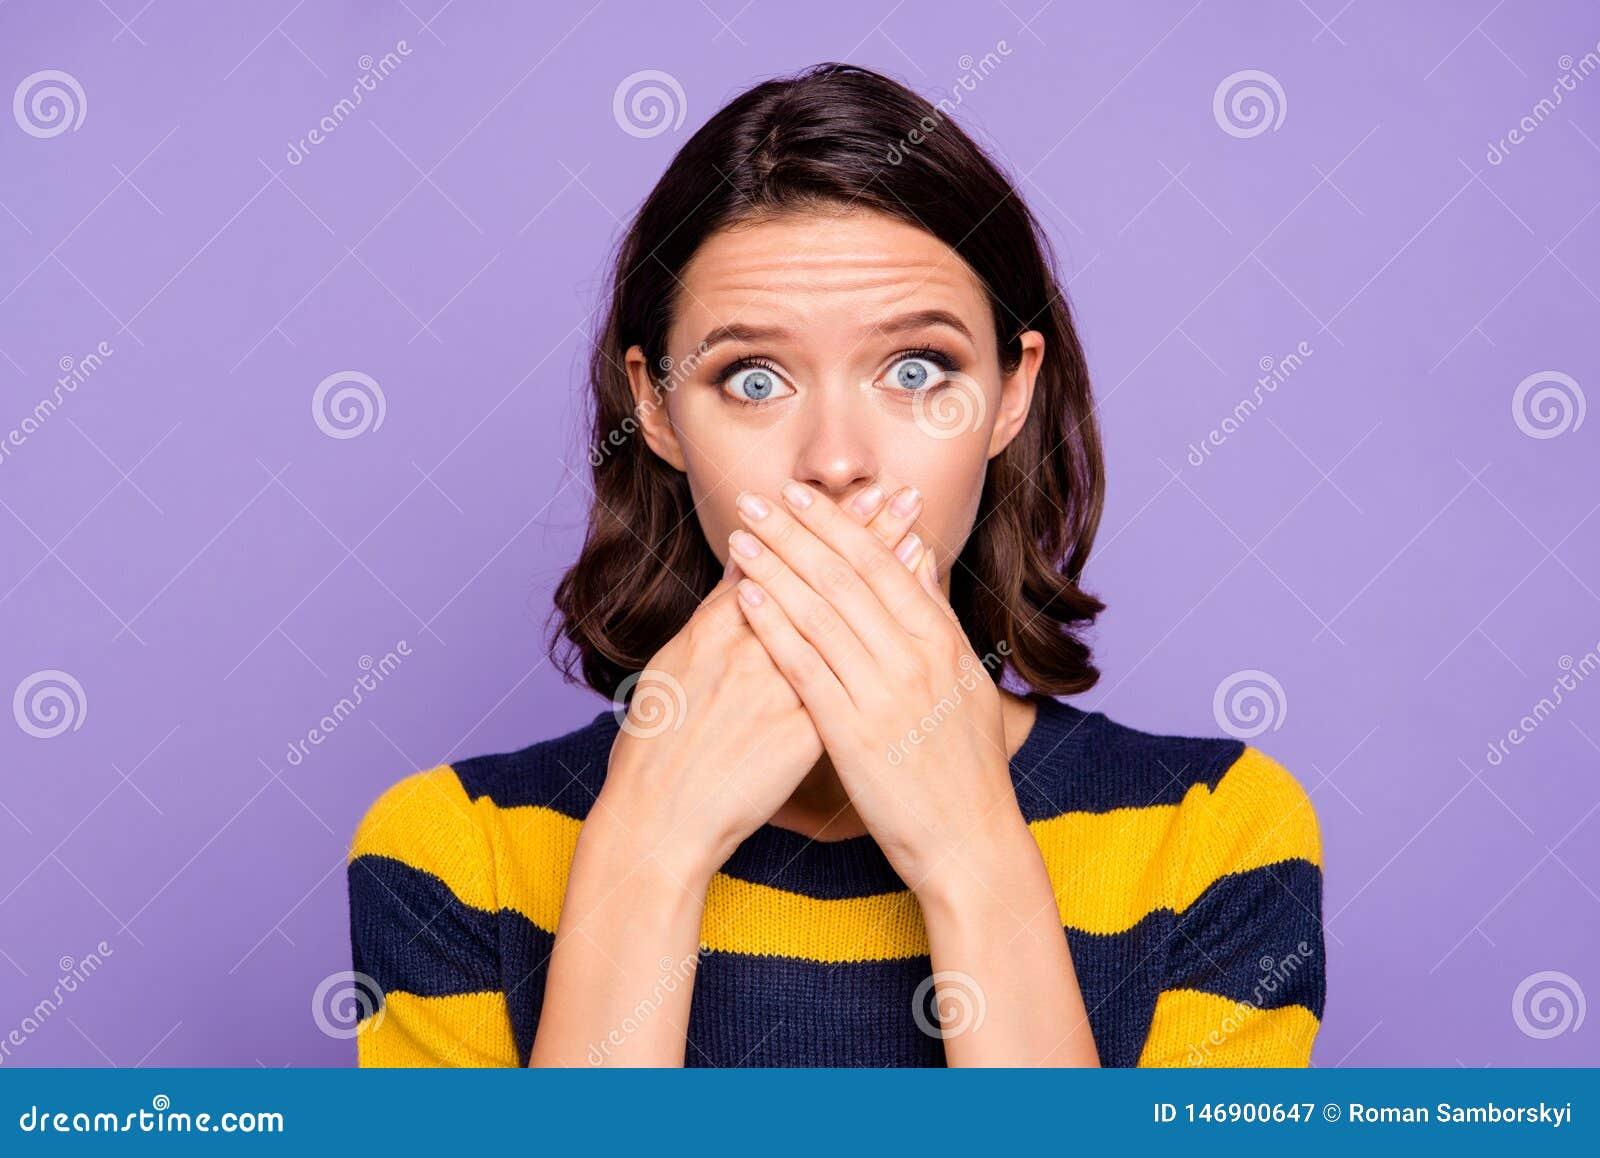 Κλείστε επάνω τη φωτογραφία όμορφη που καταπλήσσει αυτή όπλα OH χεριών γυναικείων τα κρύβοντας στομάτων της κανένα μάτι έκφρασης